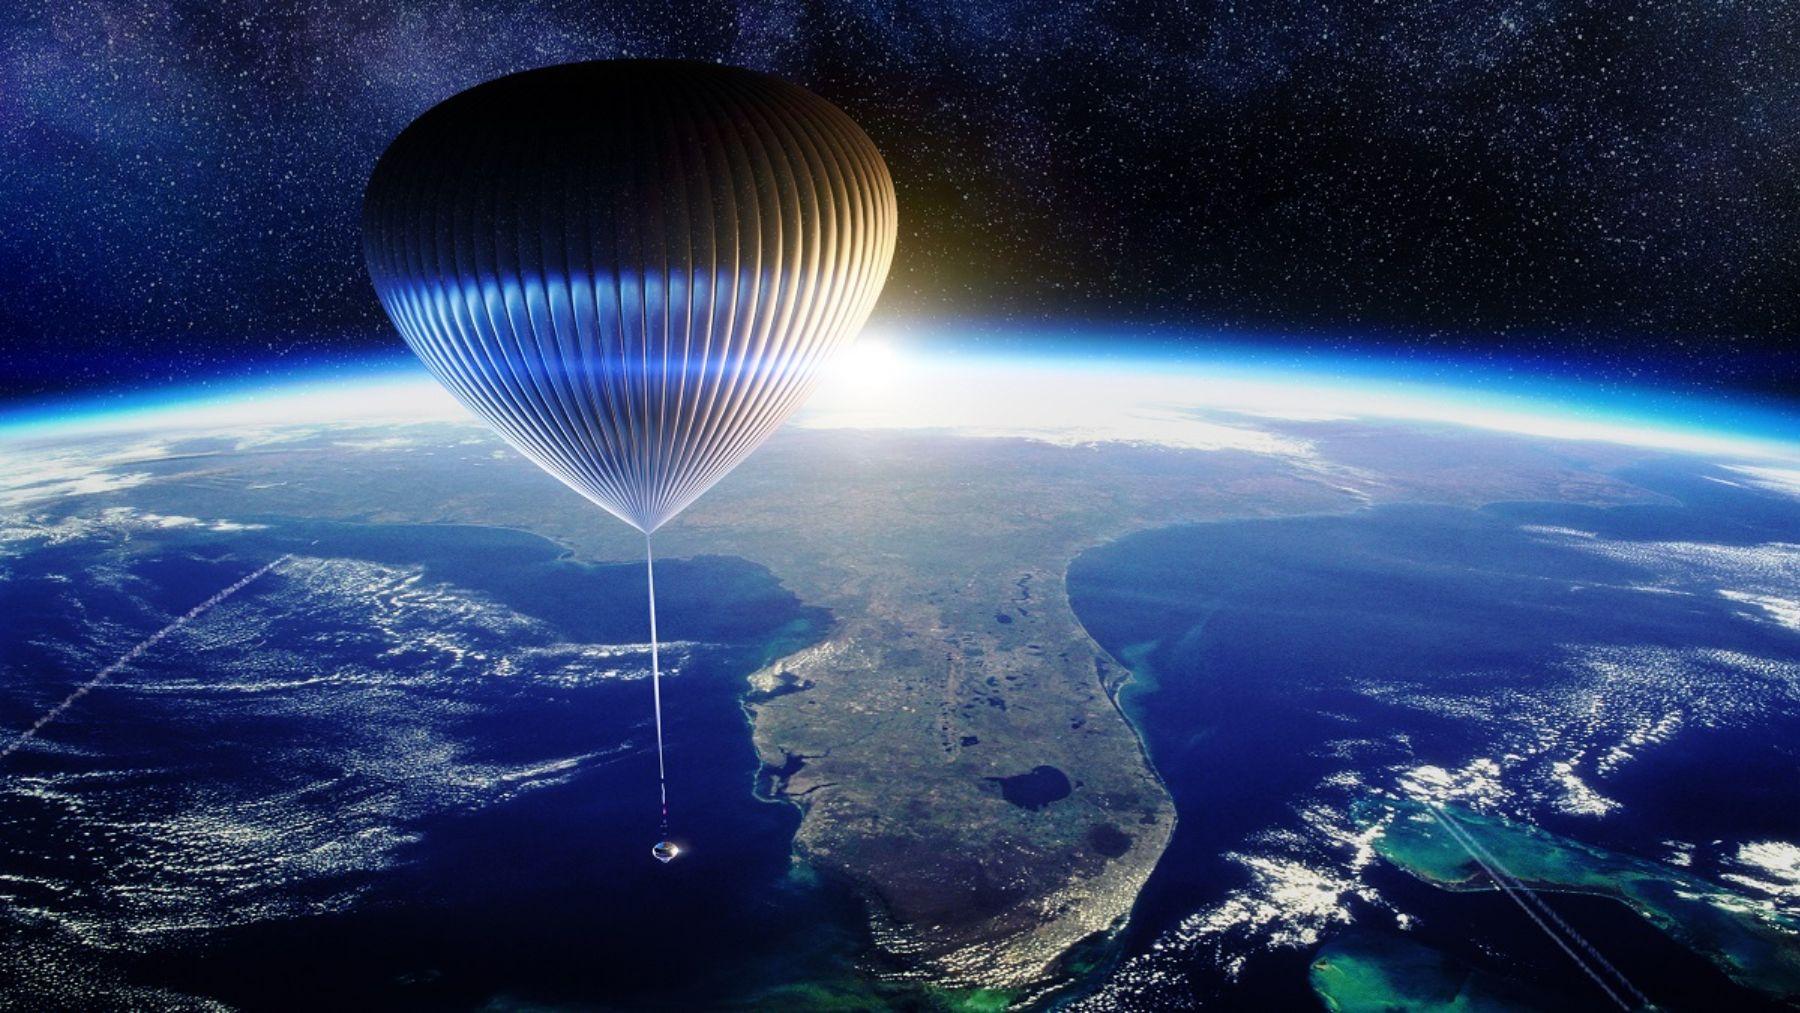 El precio de un billete para viajar al espacio en globo será estratosférico